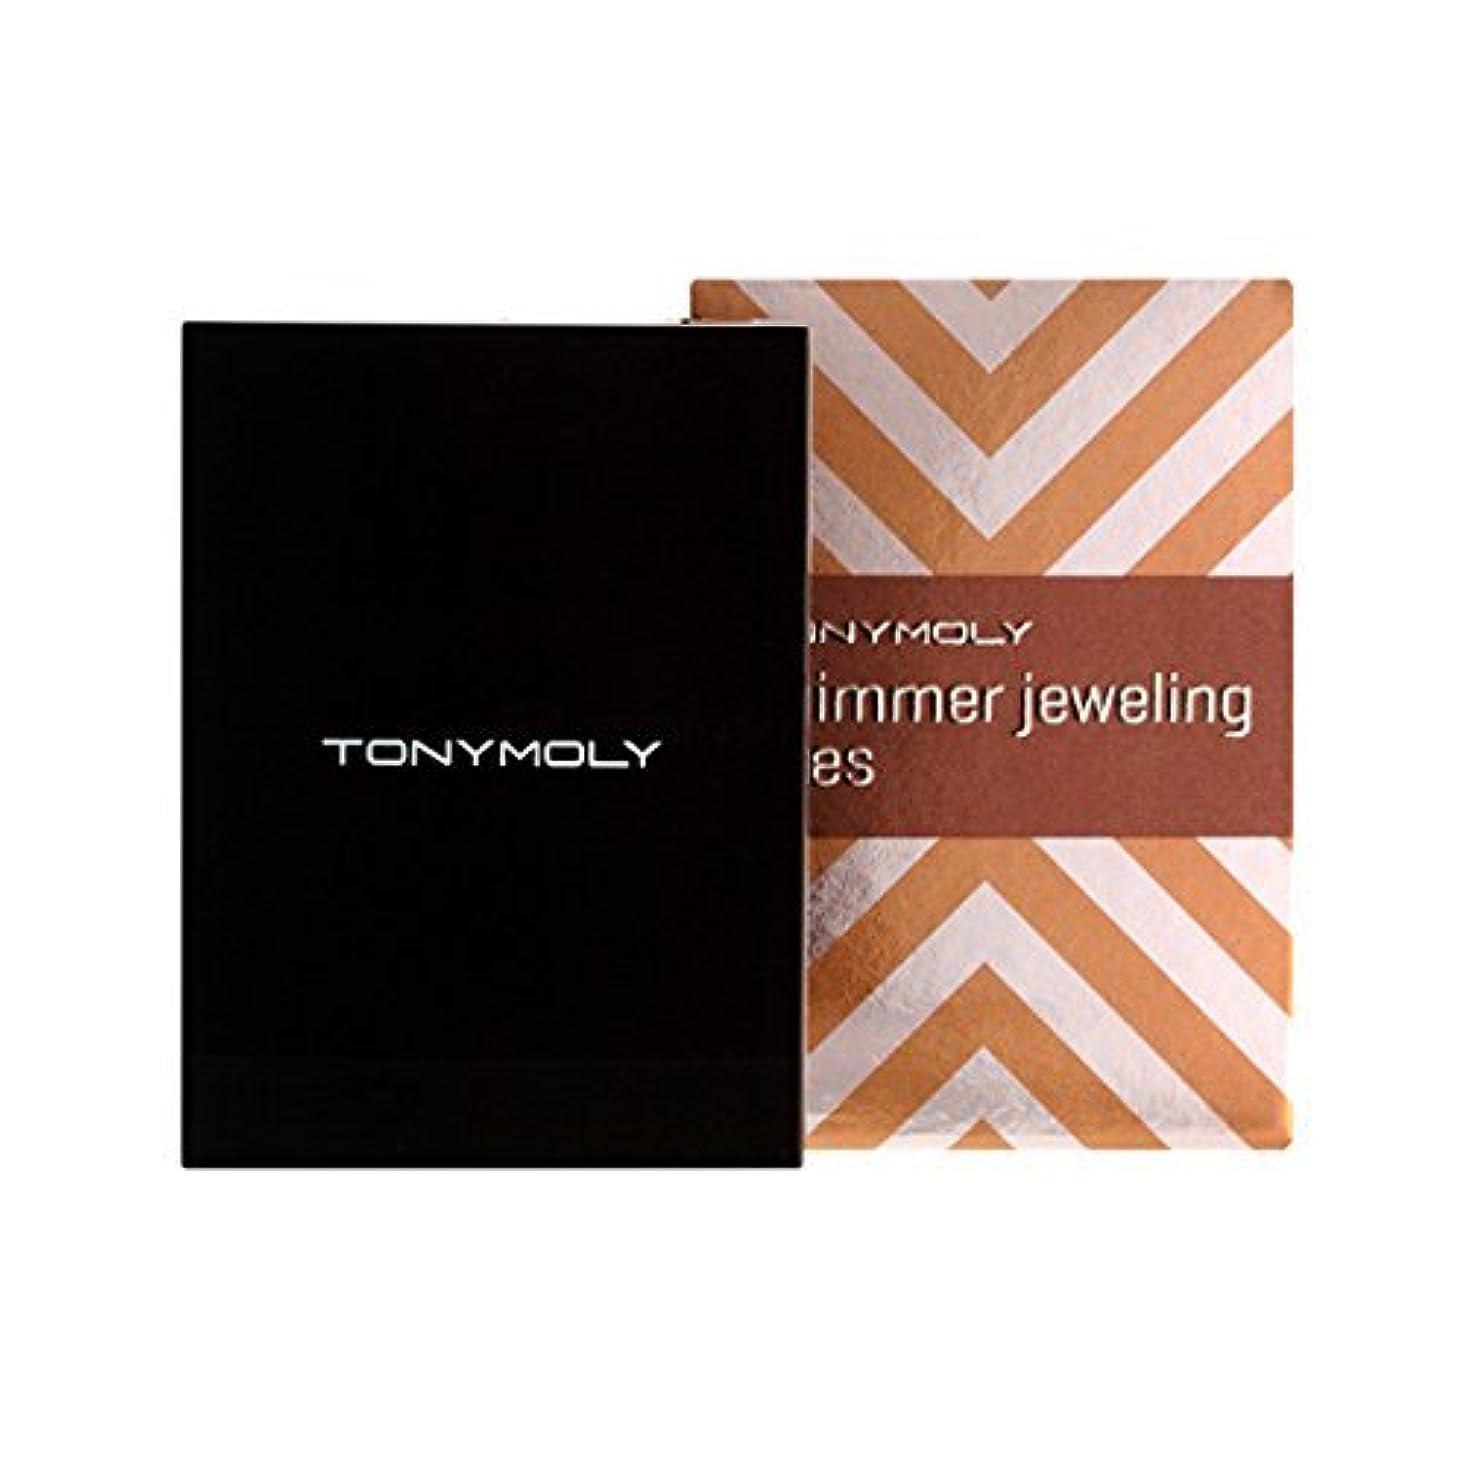 不良休戦今後[Tonymoly] トニーモリ Shimmer Jeweling Eyes 2.7g #01 Gold Jeweling by TONYMOLY